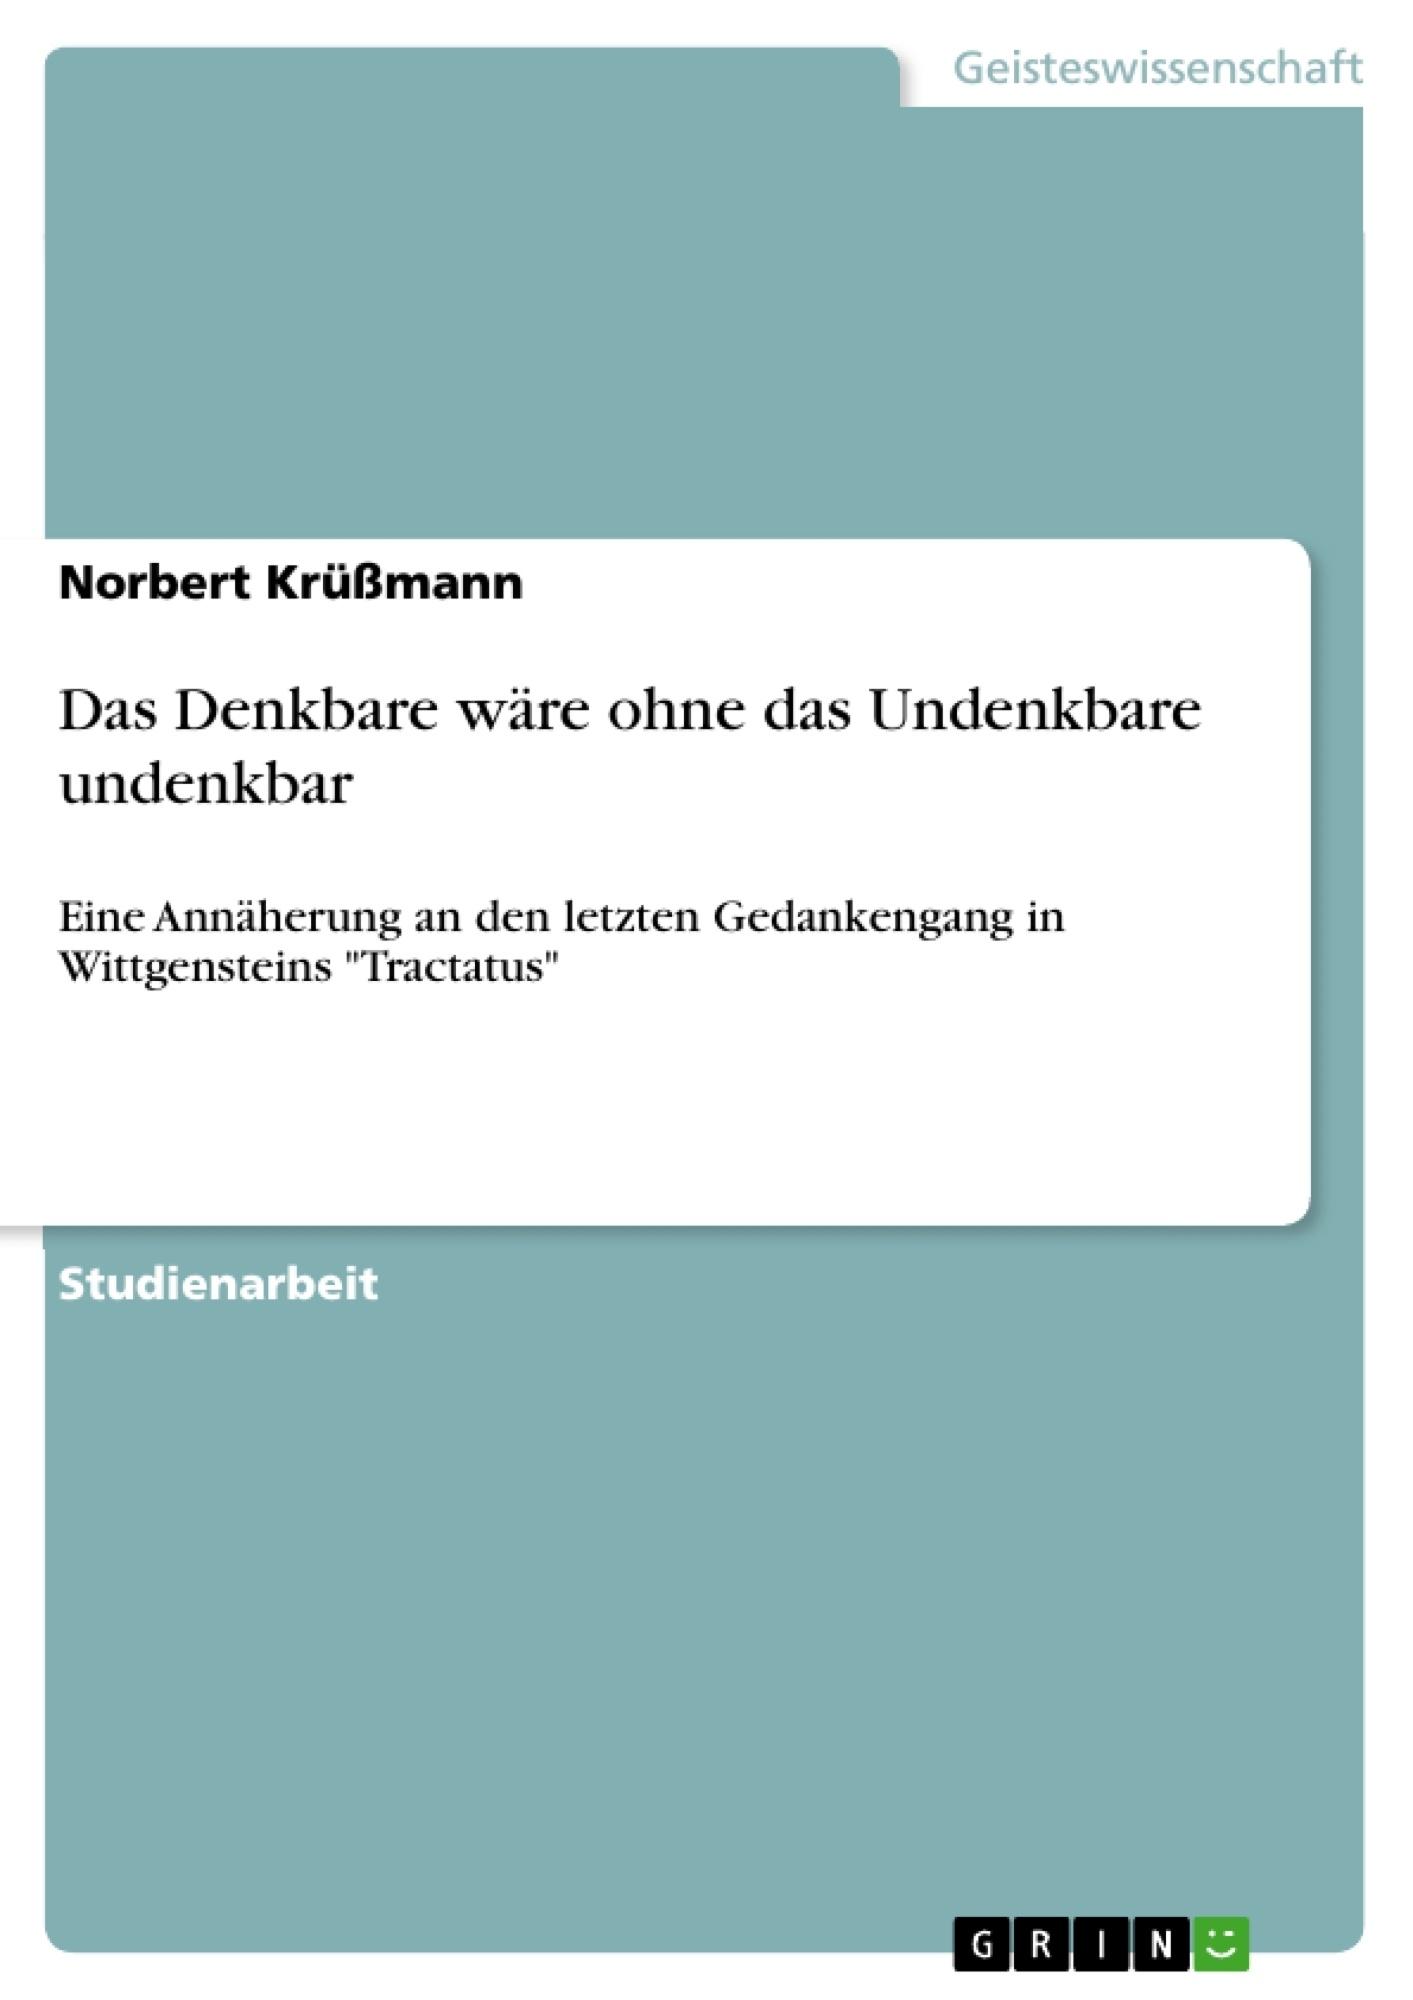 Titel: Das Denkbare wäre ohne das Undenkbare undenkbar